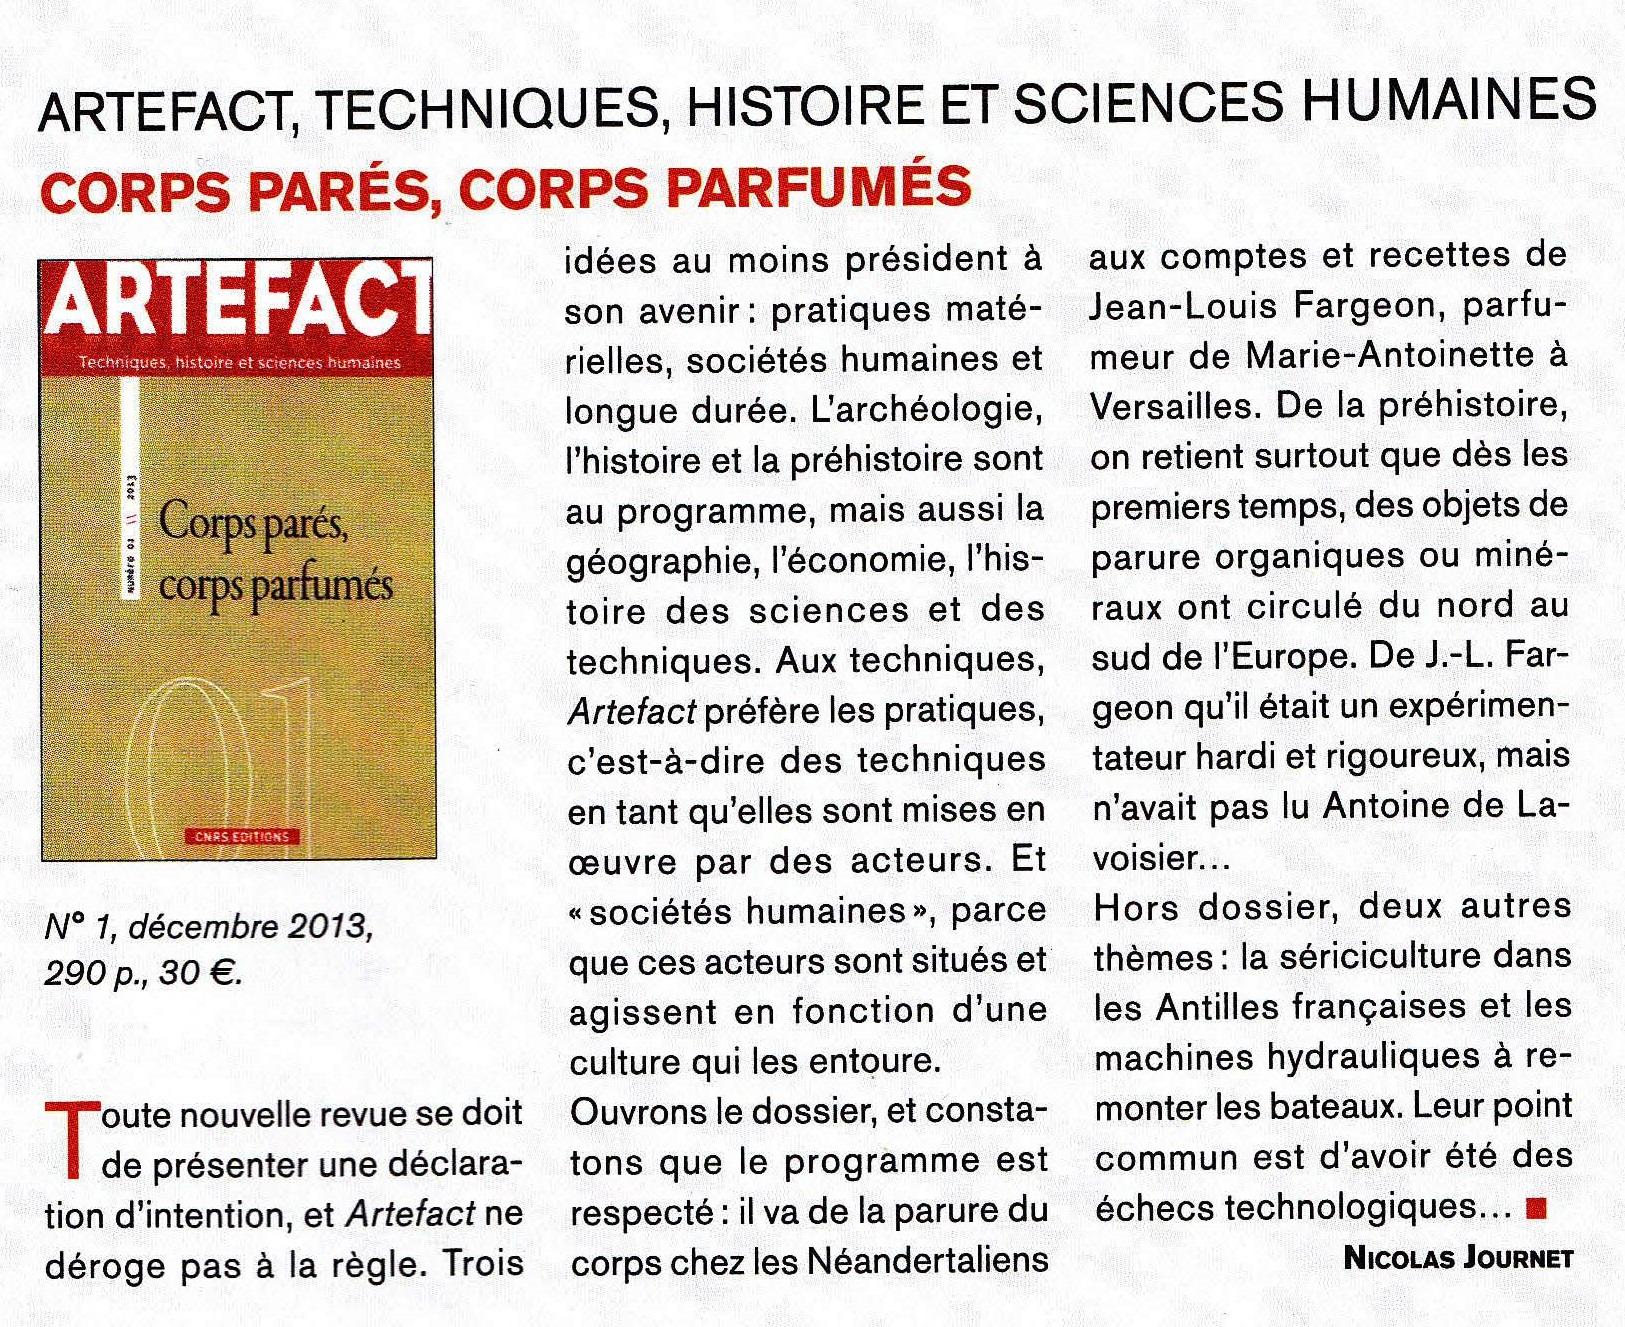 Revue artefact techniques histoire et sciences humaines for Revue sciences humaines